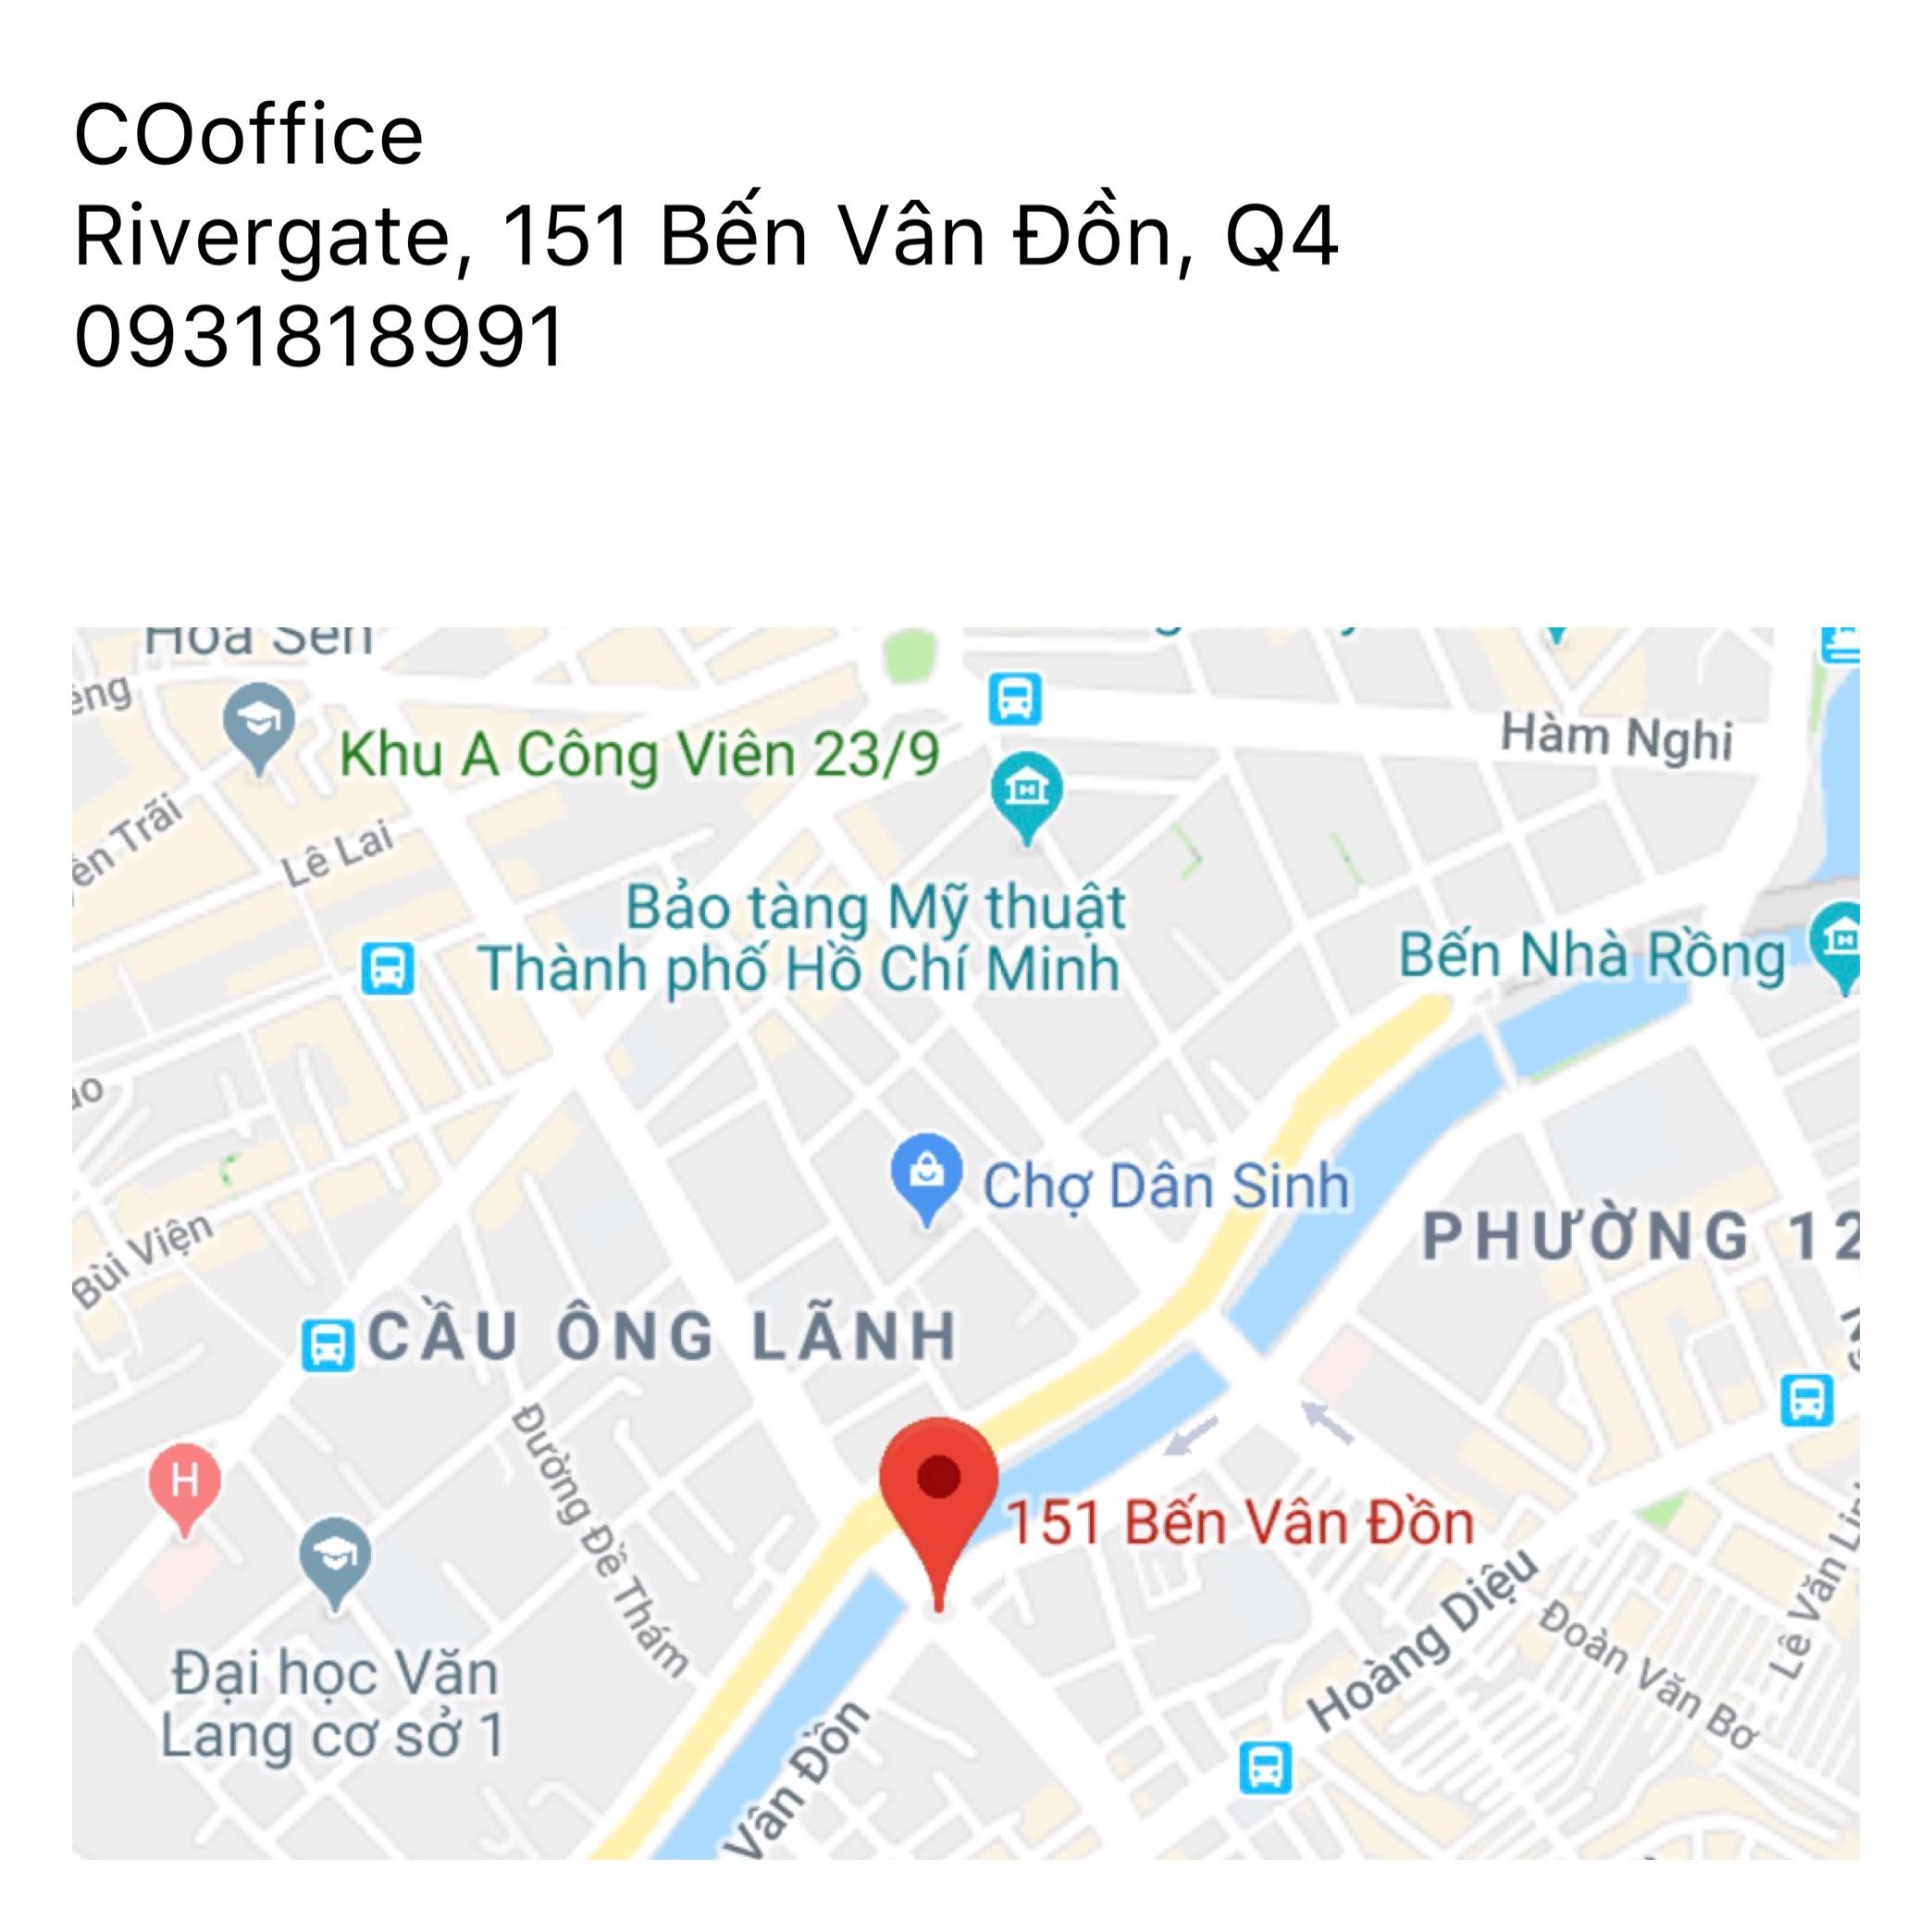 COoffice.VN, Ho Chi Minh City